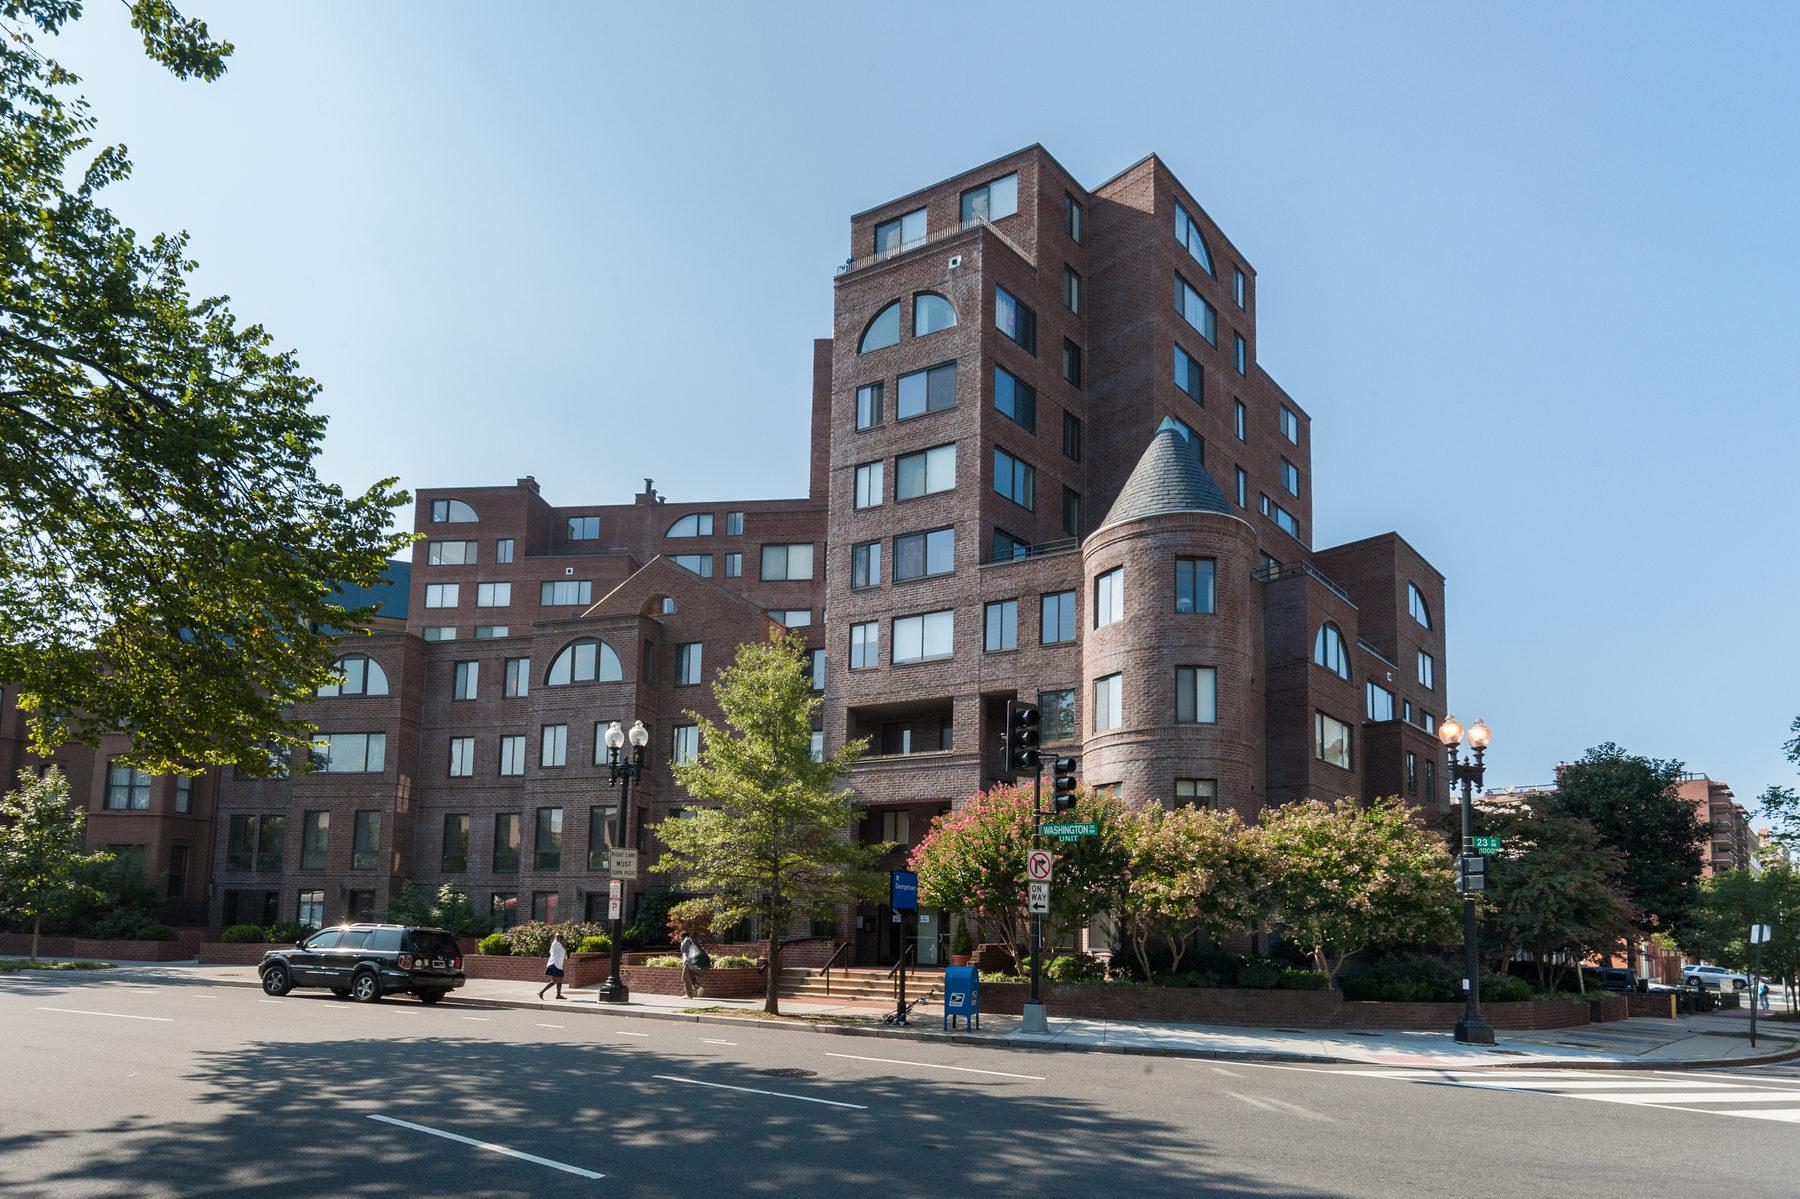 Кооперативная квартира для того Продажа на 3 Washington Circle Nw 1001, Washington Washington, Округ Колумбия 20037 Соединенные Штаты